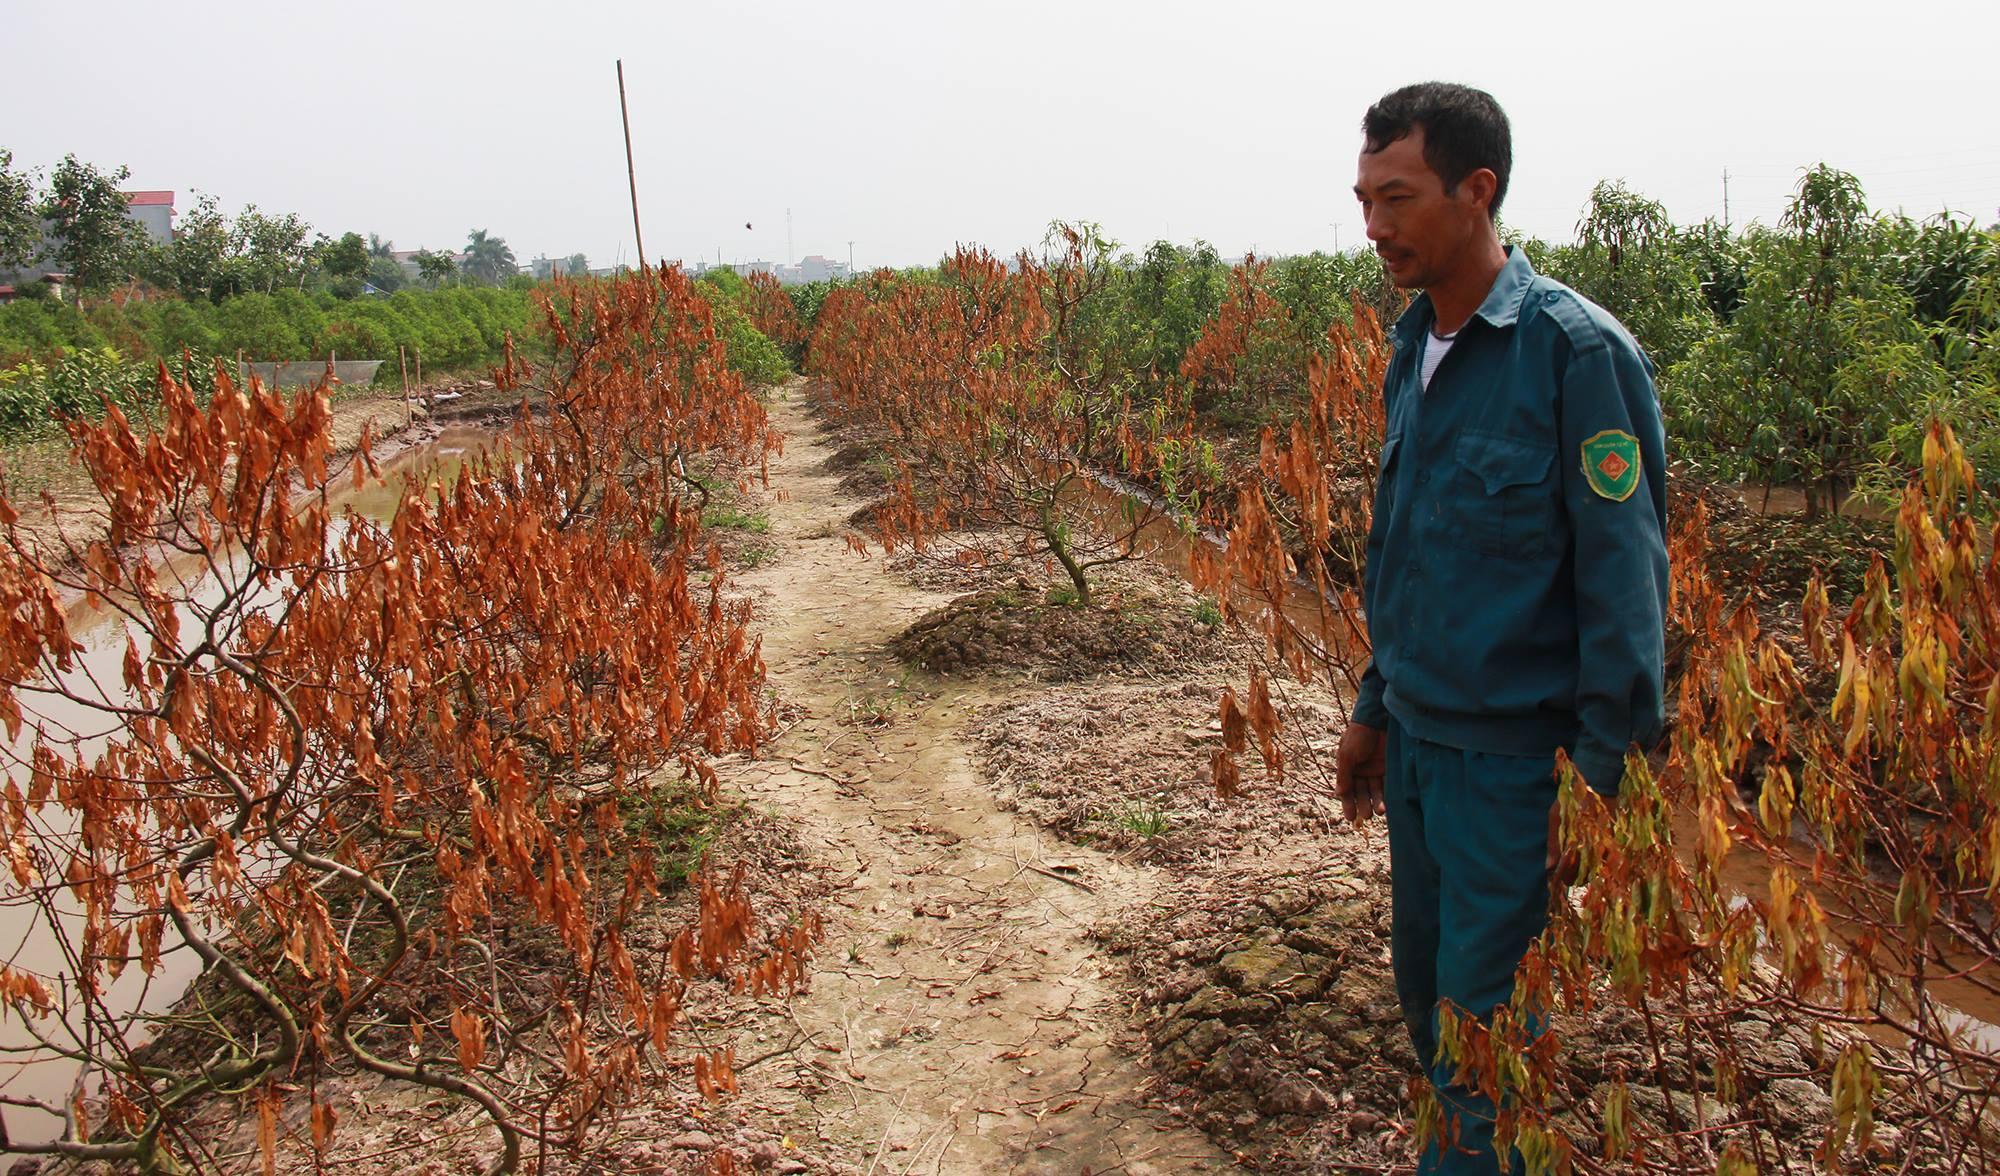 Đau đớn nhìn đào Tết chết khô ở Thái Bình